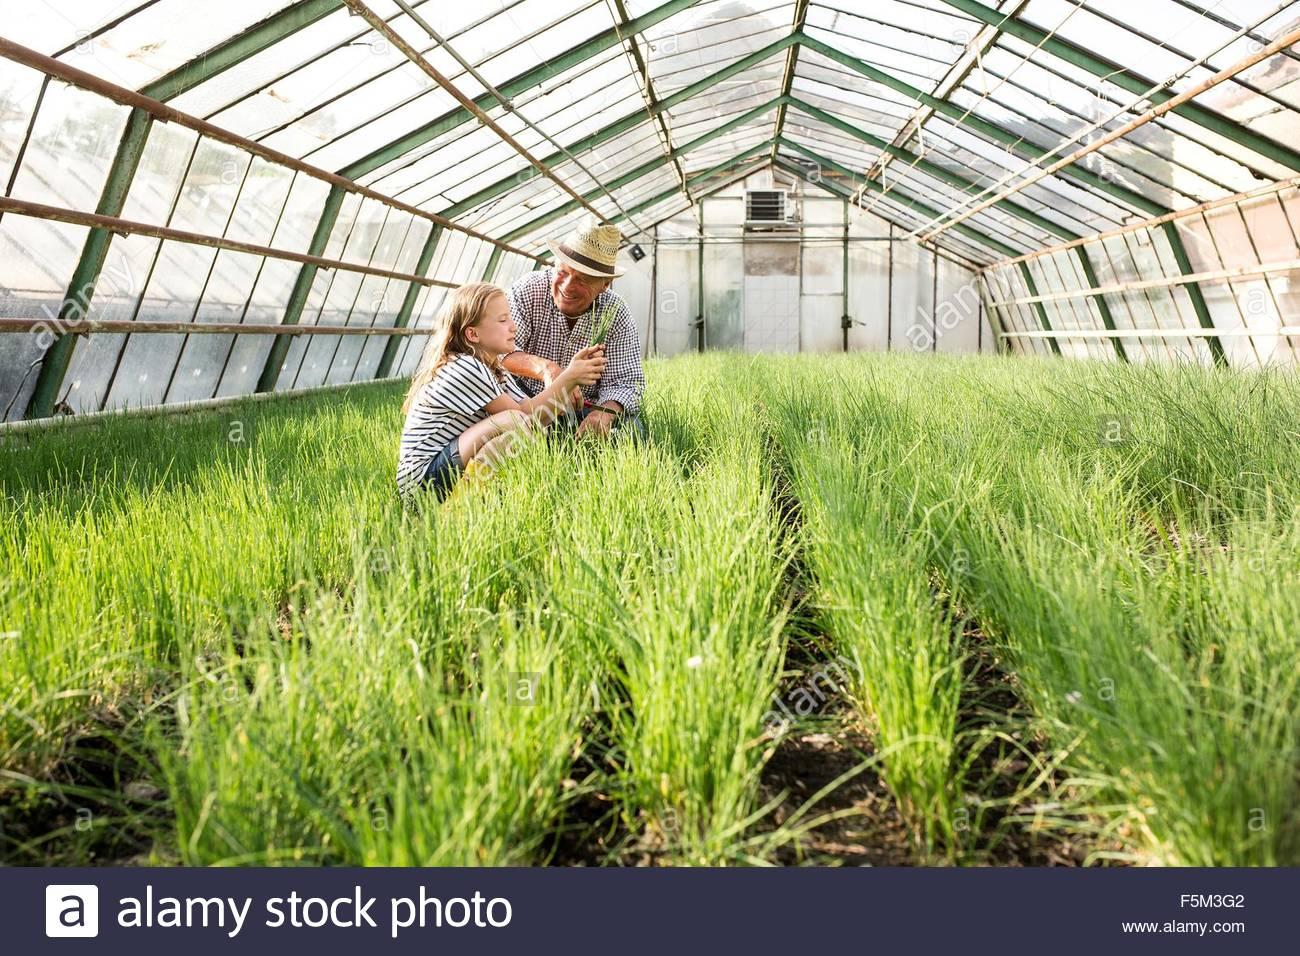 Nonno e nipote in serre riscaldate di controllo della qualità delle piante di erba cipollina Immagini Stock